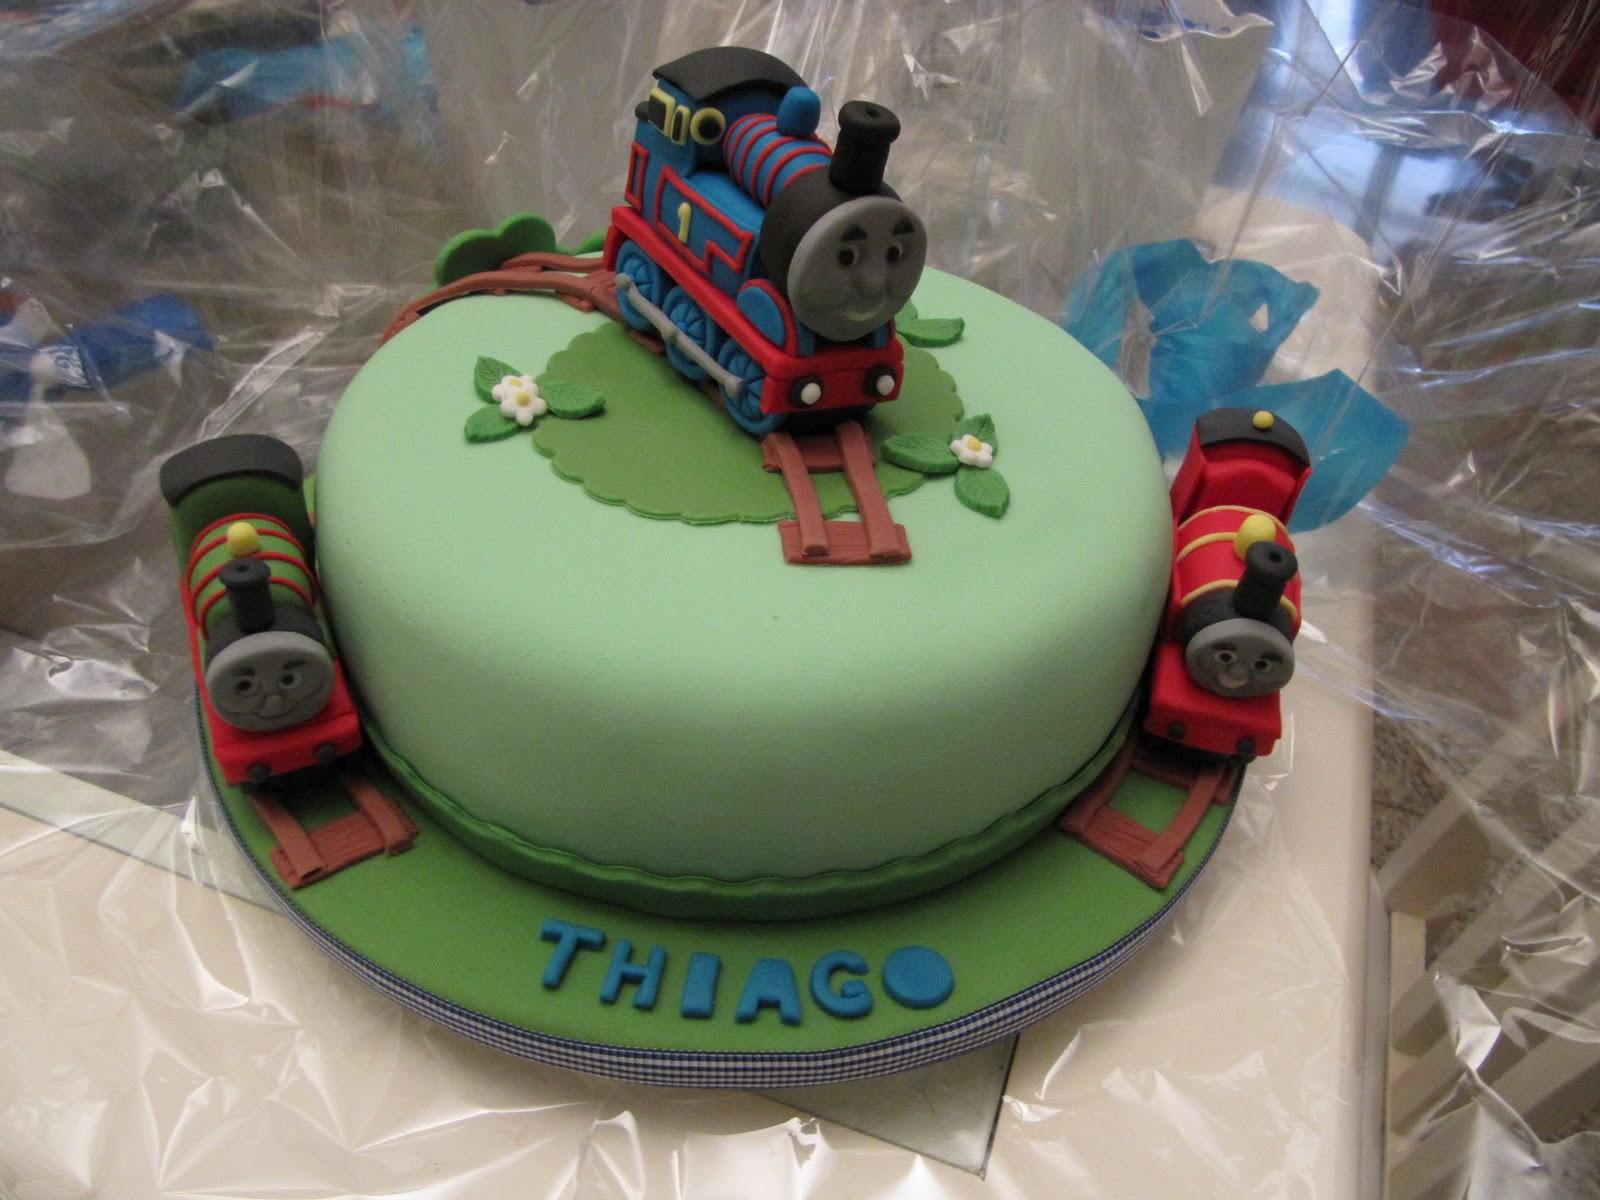 ... De Ser Um Bolo Muito Leve Fica Igualmente Saboroso Cake on Pinterest